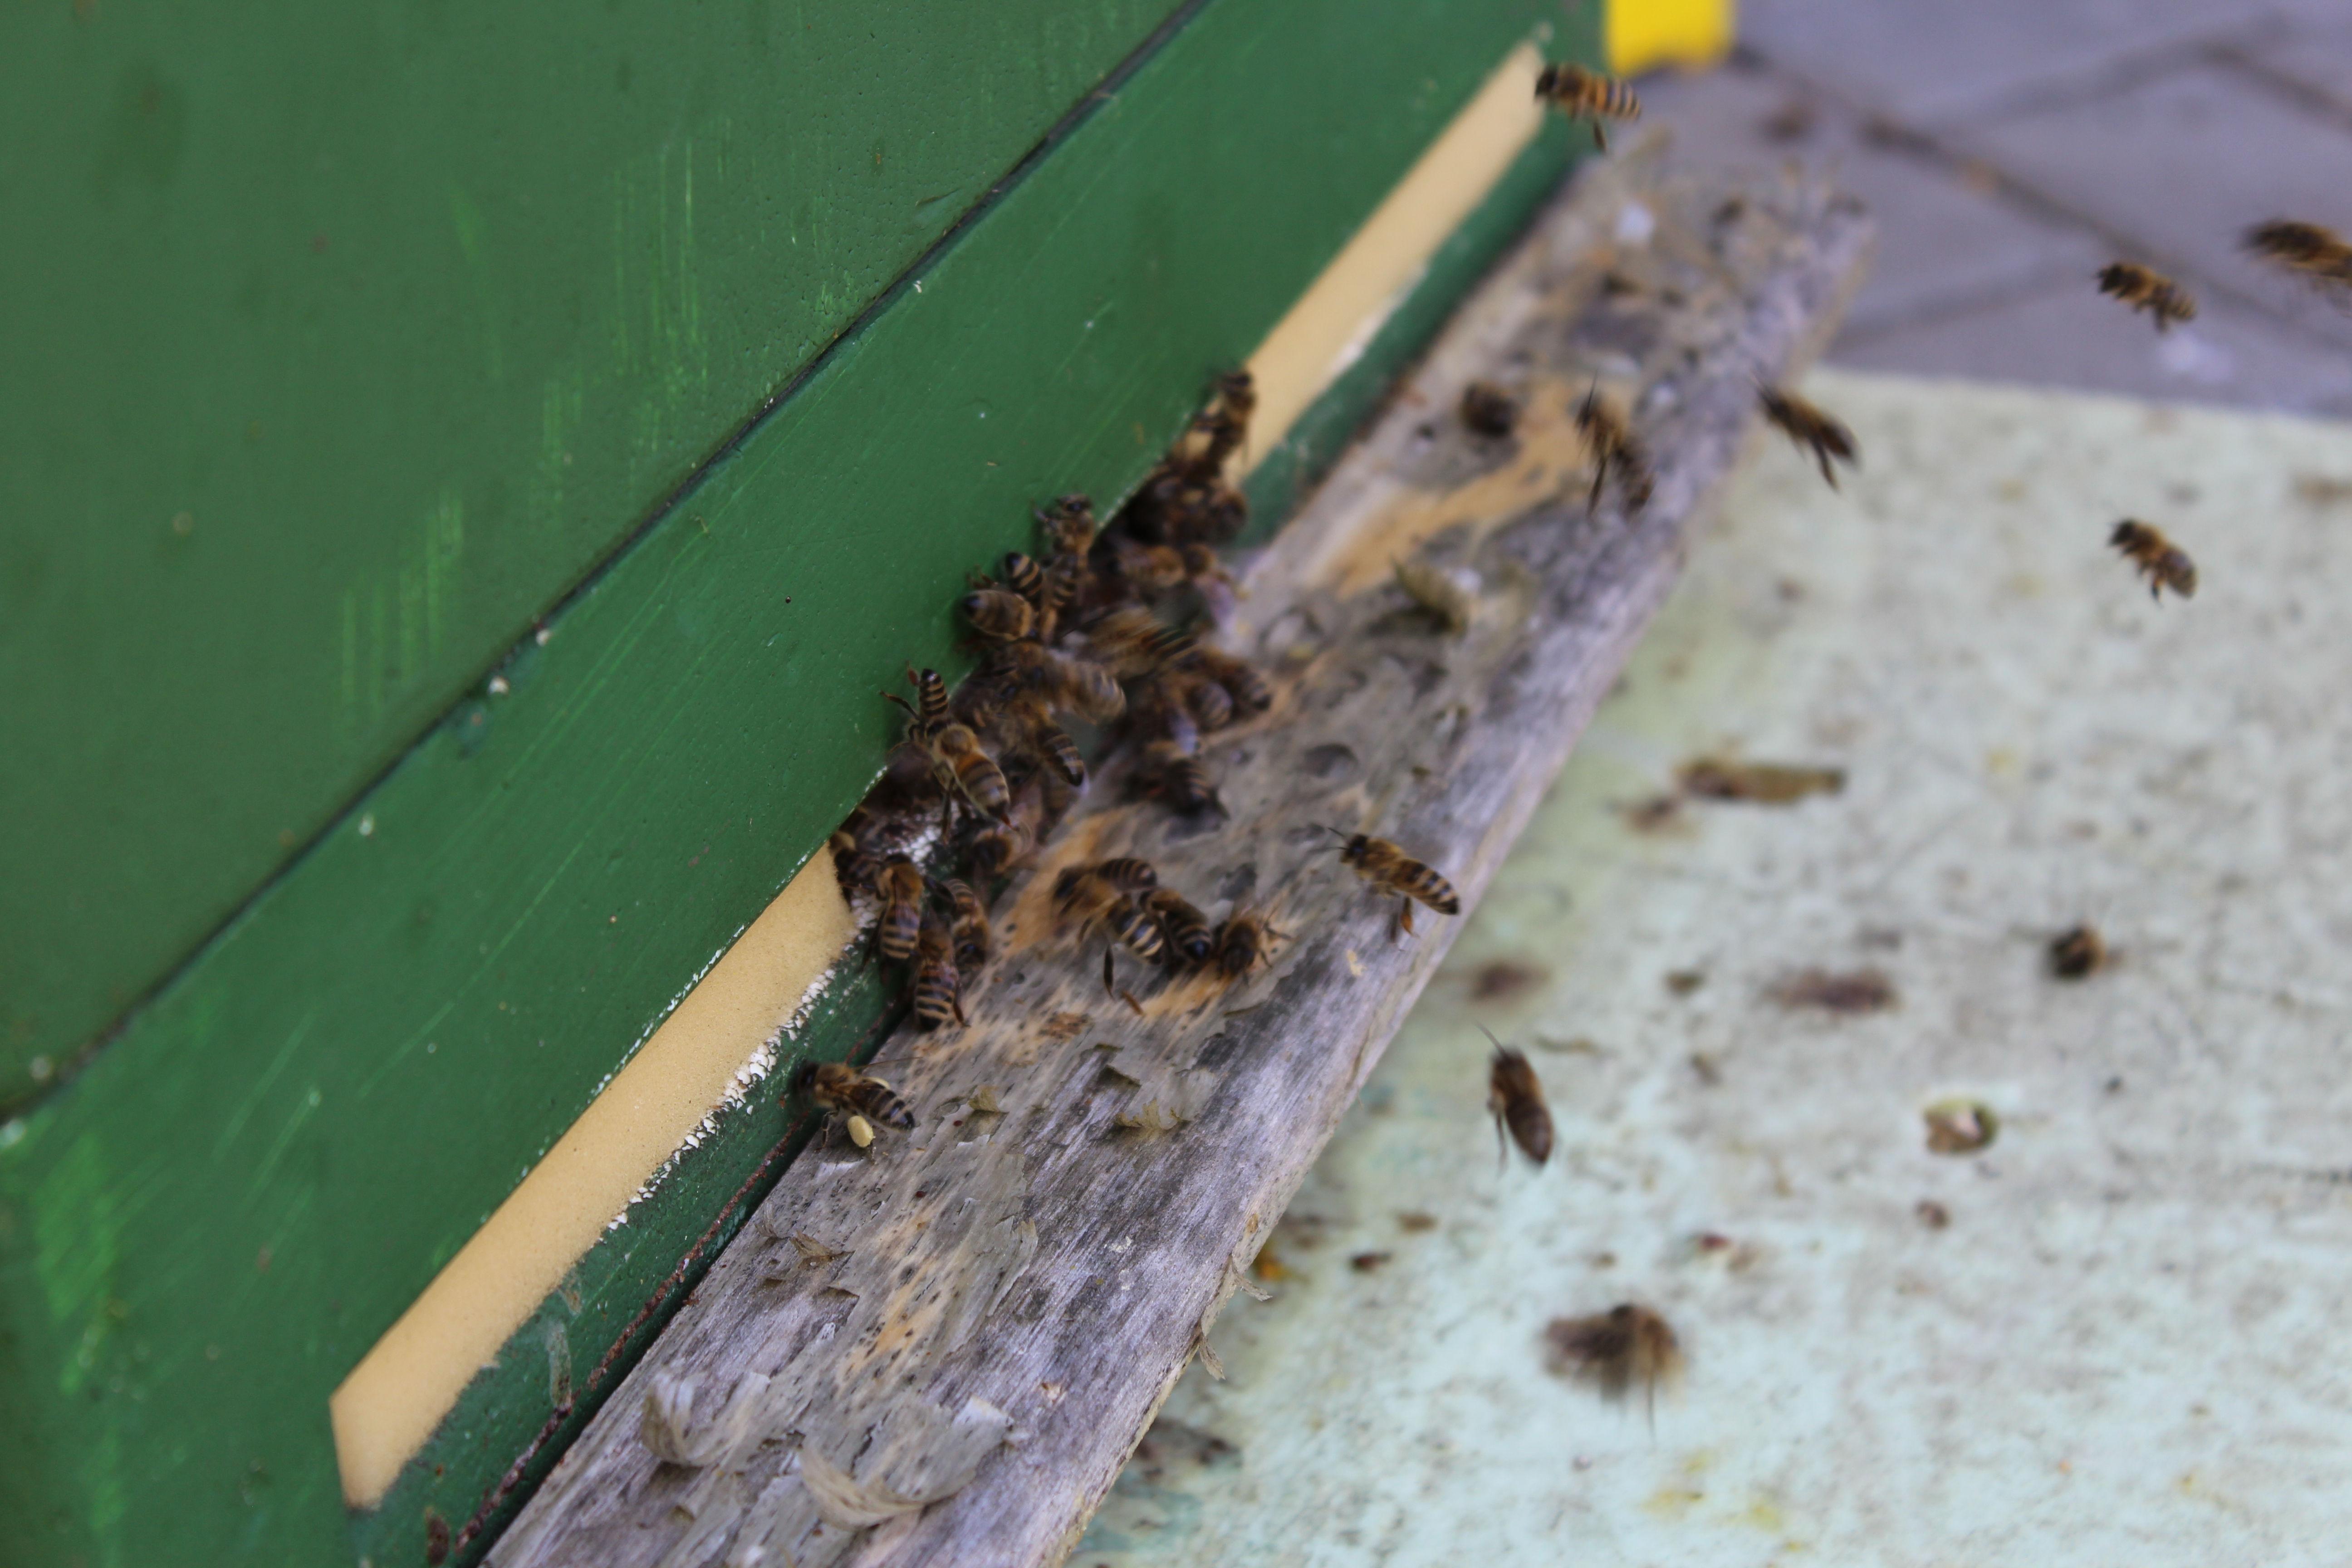 Wildbienen - Provision für Bienen - Aktion Rebecca Kiehne Makler Halle (Saale) und Saalekreis, Leipzig Marktwertermittlungsgutschein